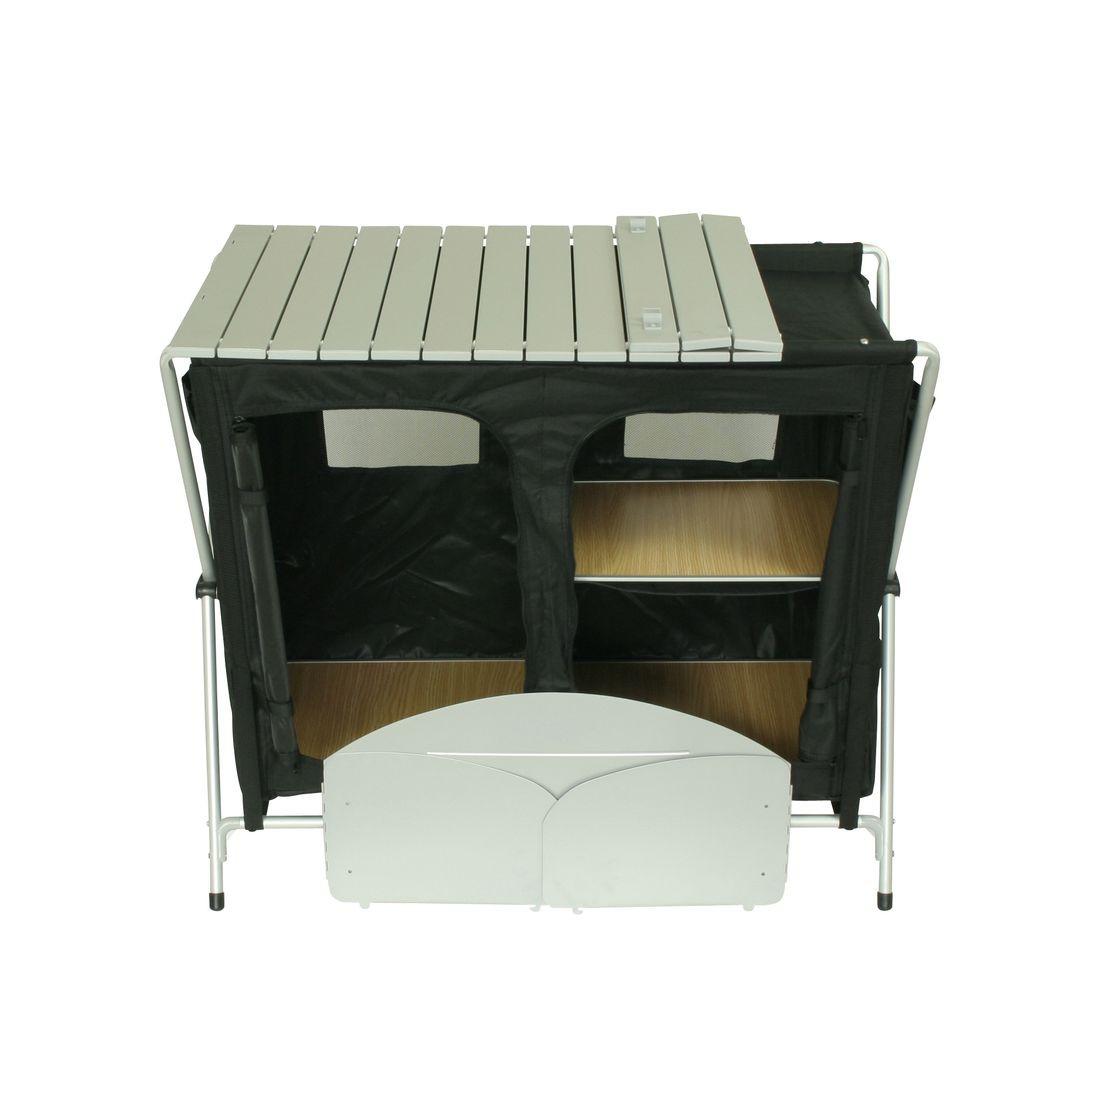 10T Flapbox Kitchen Cucina Da Campeggio 3 Scomparti Piano Di Lavoro  #5C4B28 1100 1100 Piani X Tavoli Ikea